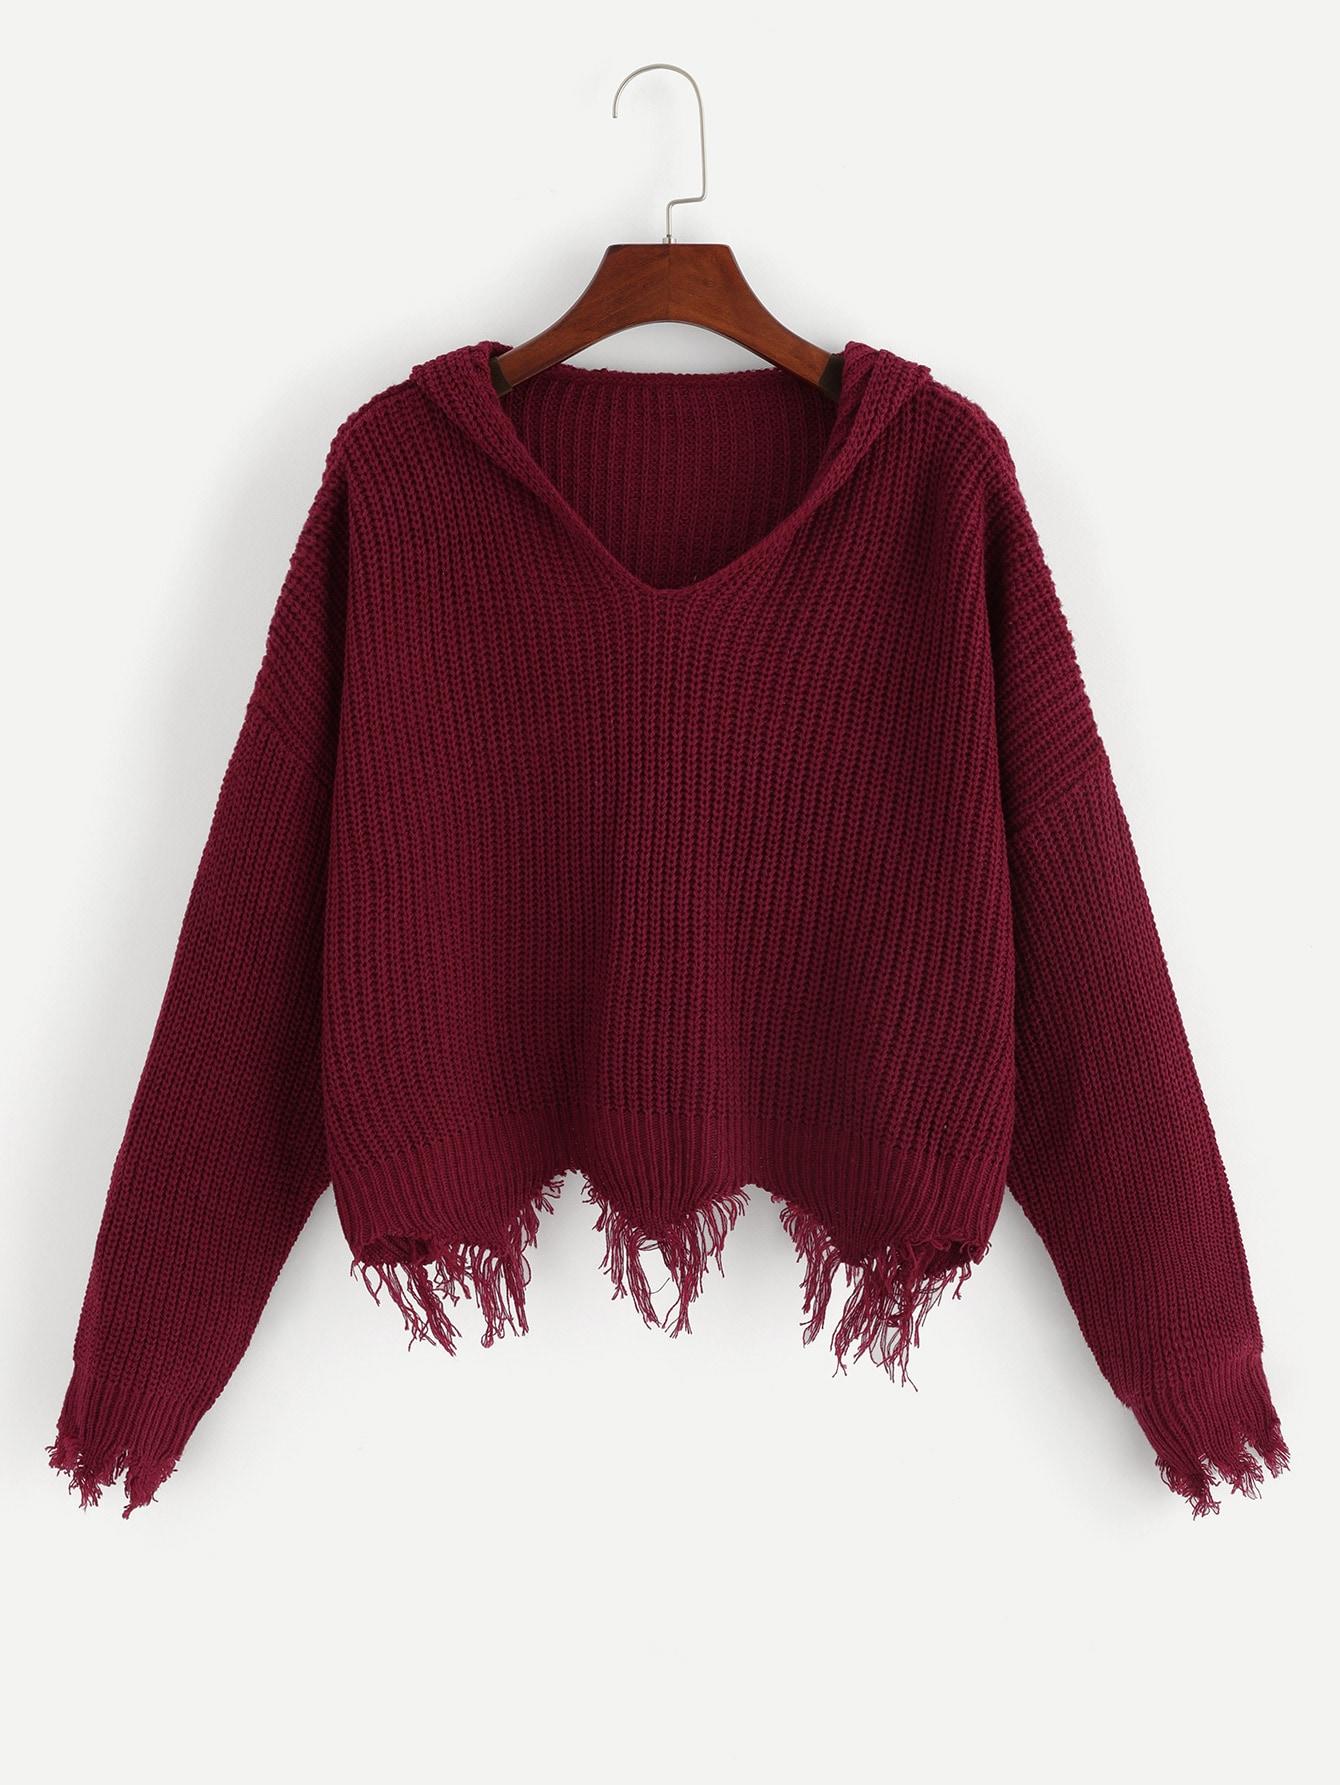 Купить Однотонный свитер с капюшоном, null, SheIn